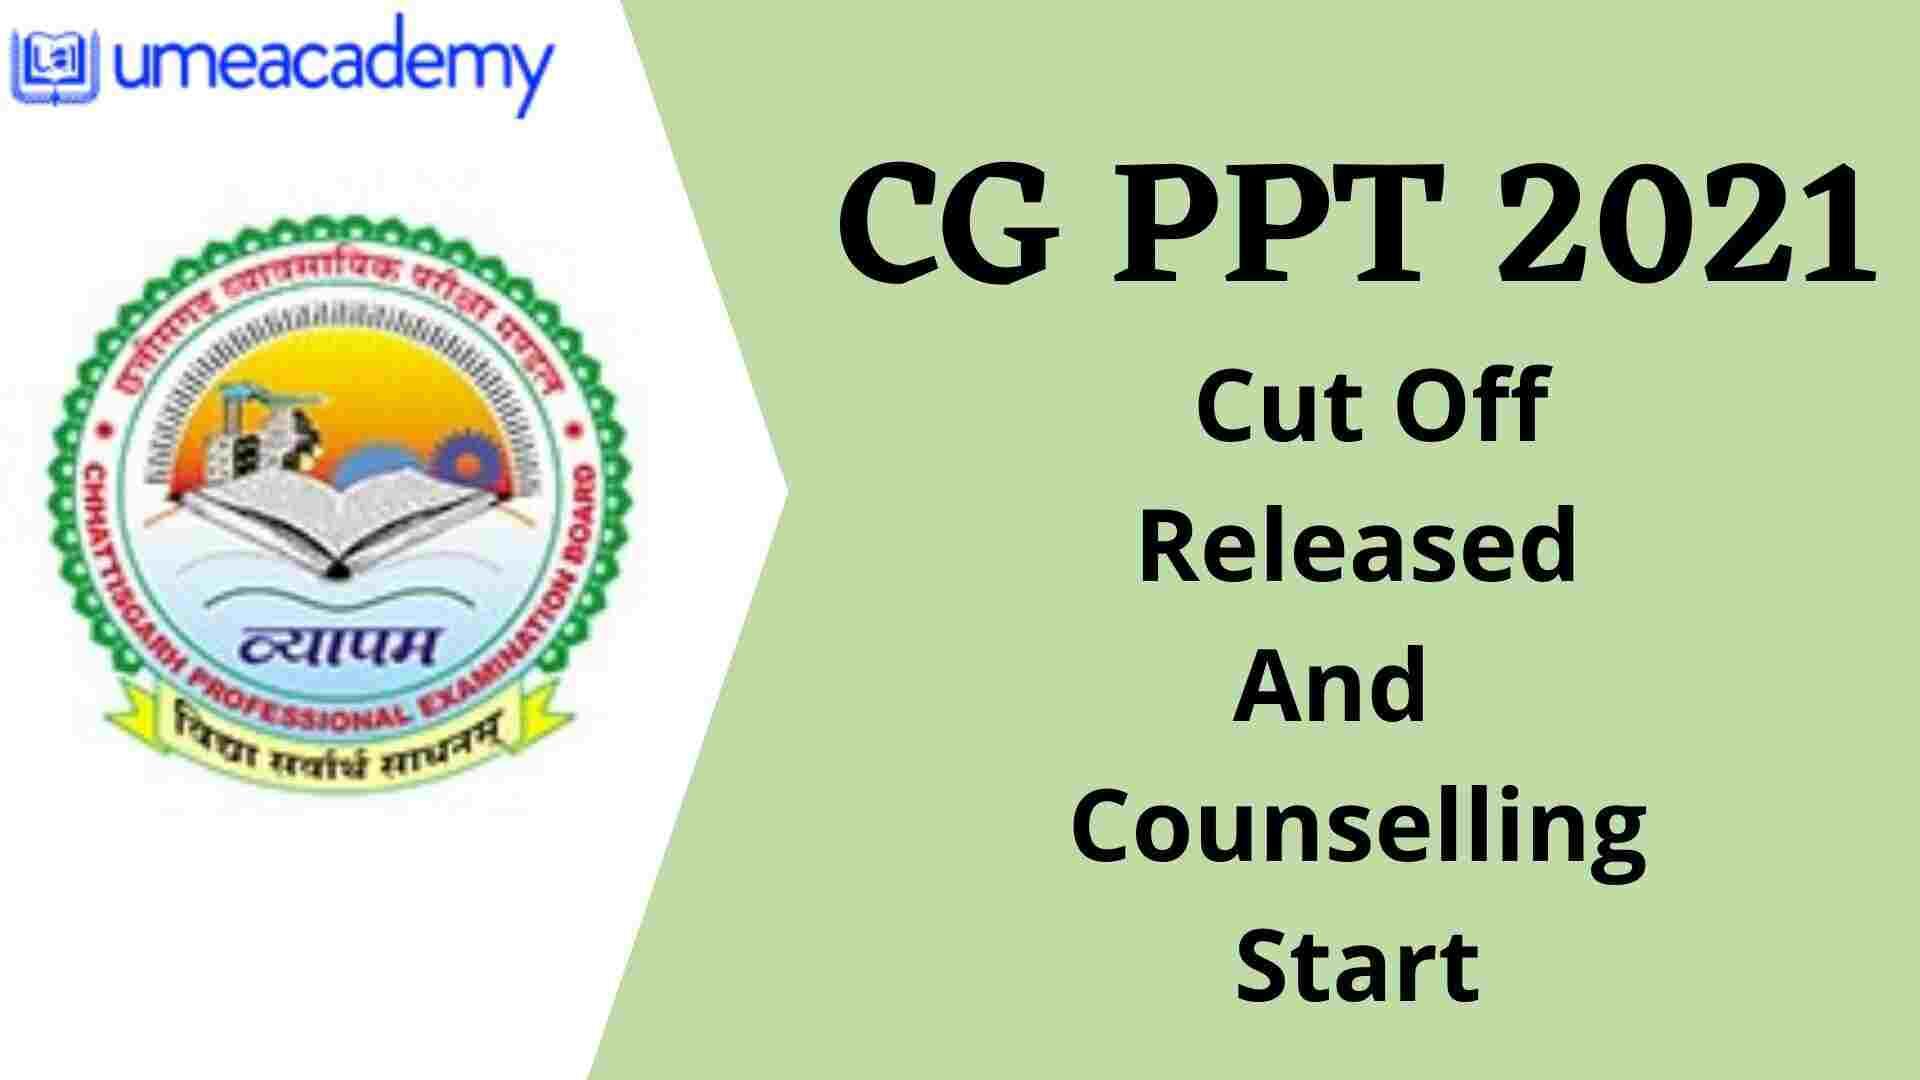 CGPPT 2021